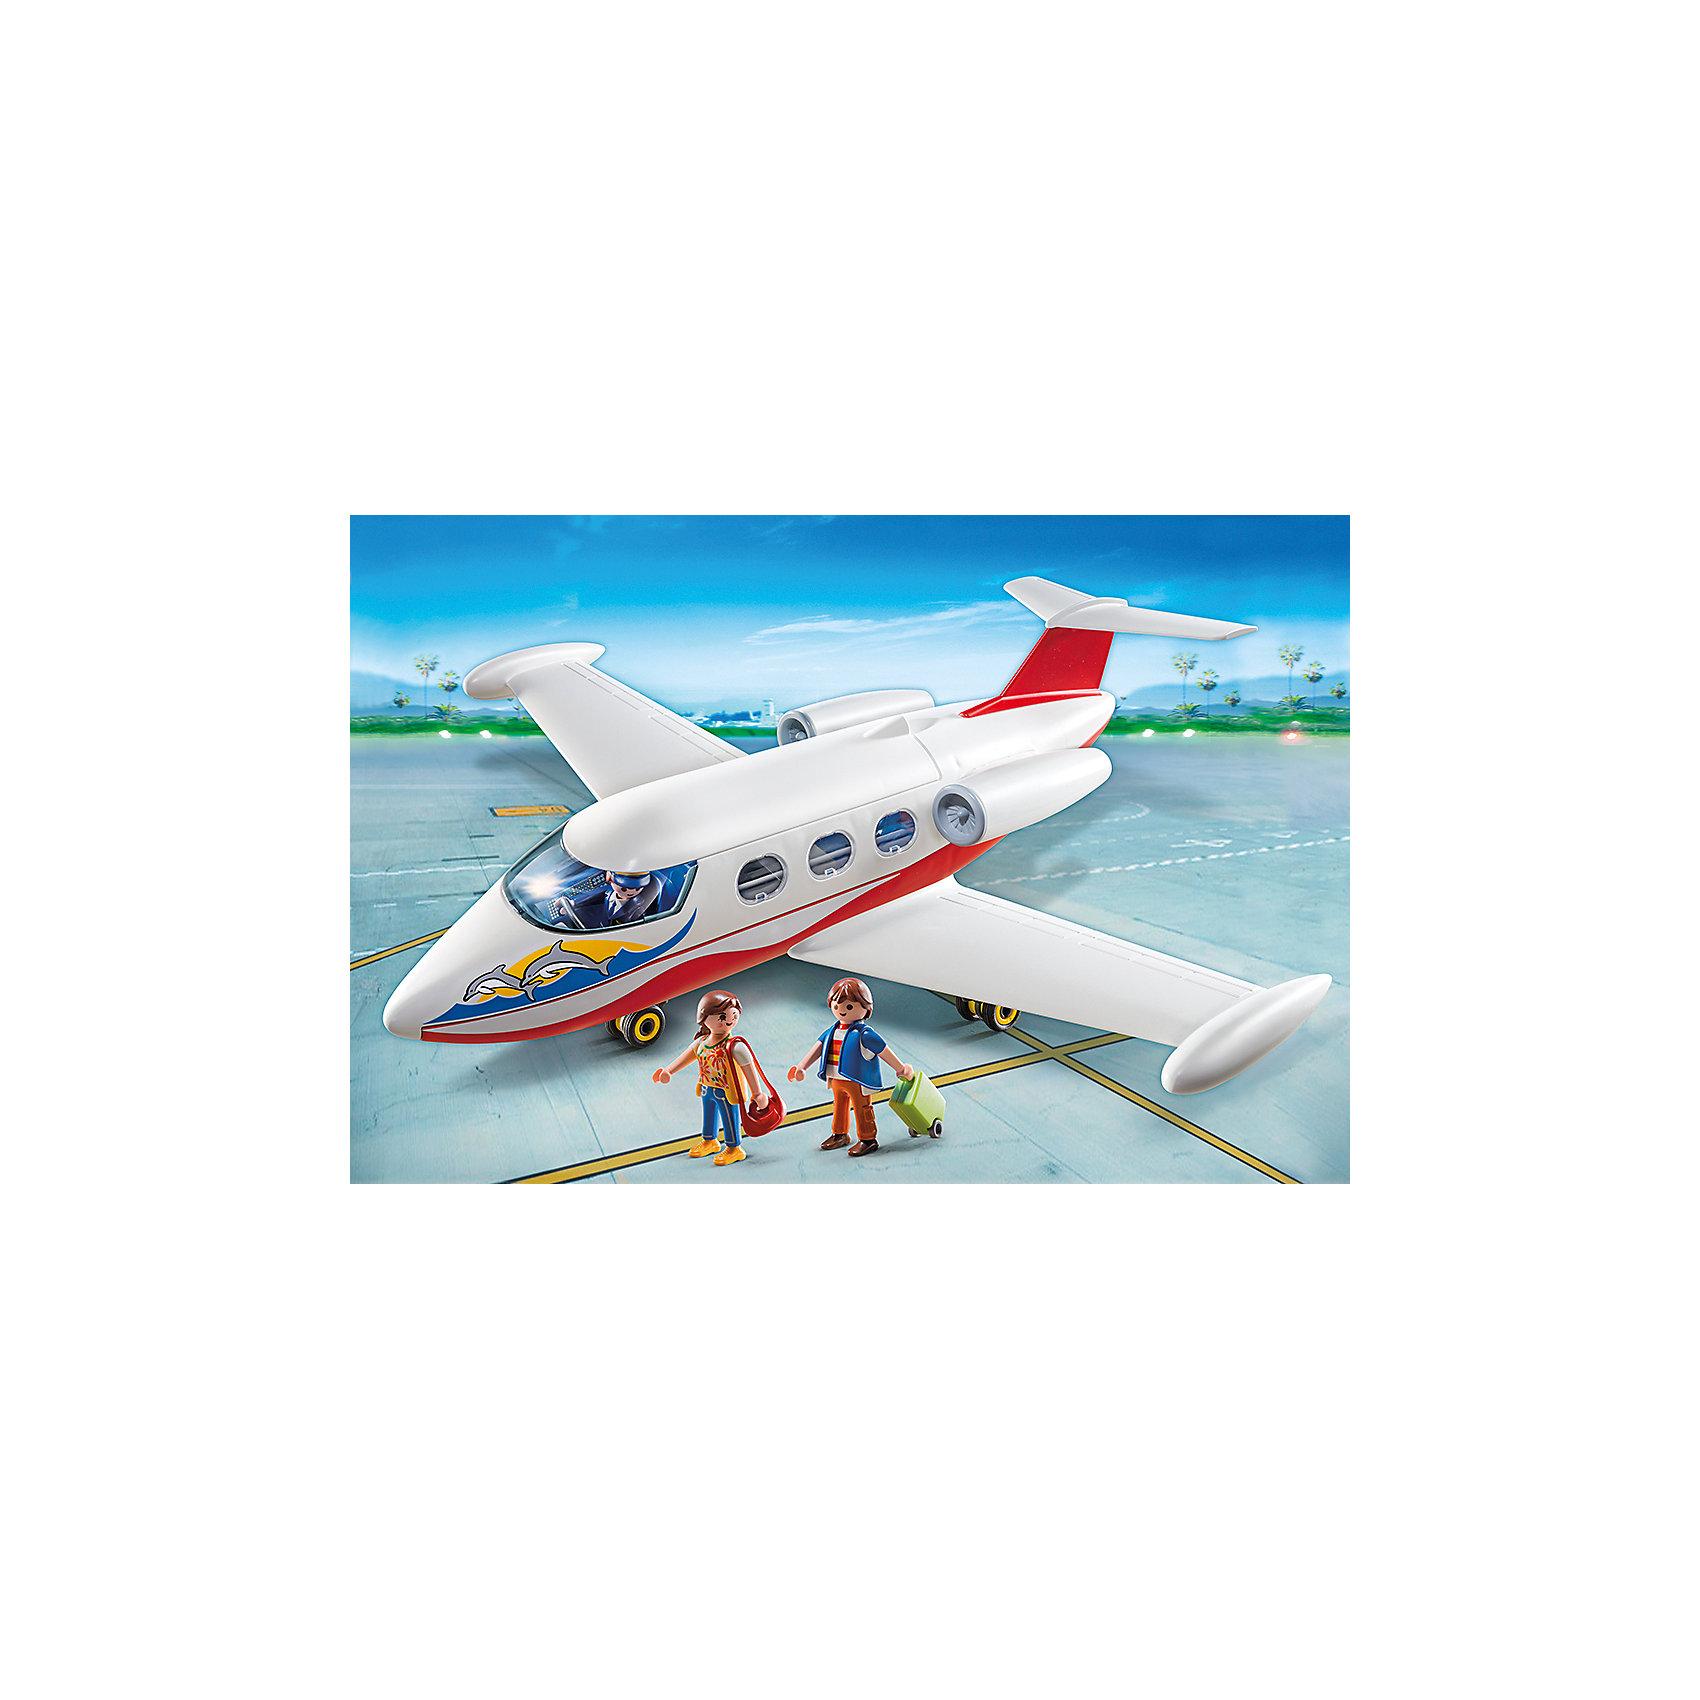 PLAYMOBIL® Каникулы: Самолет с туристами, PLAYMOBIL playmobil® зоопарк стая фламинго playmobil